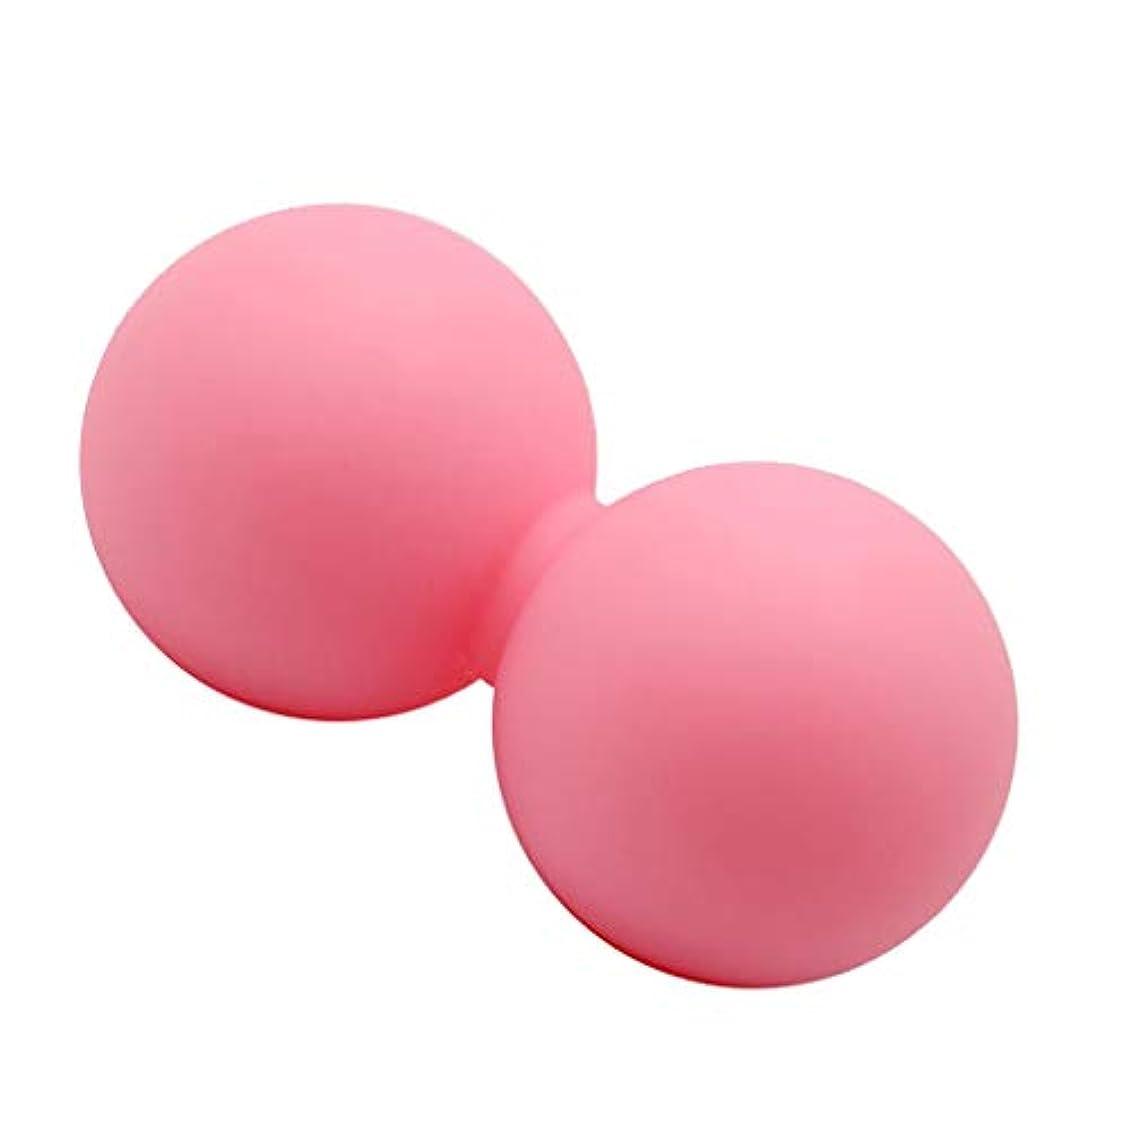 合併症ウェブ分離するBaoblaze マッサージ ヨガボール ピーナッツ形 痛み緩和 ピンク